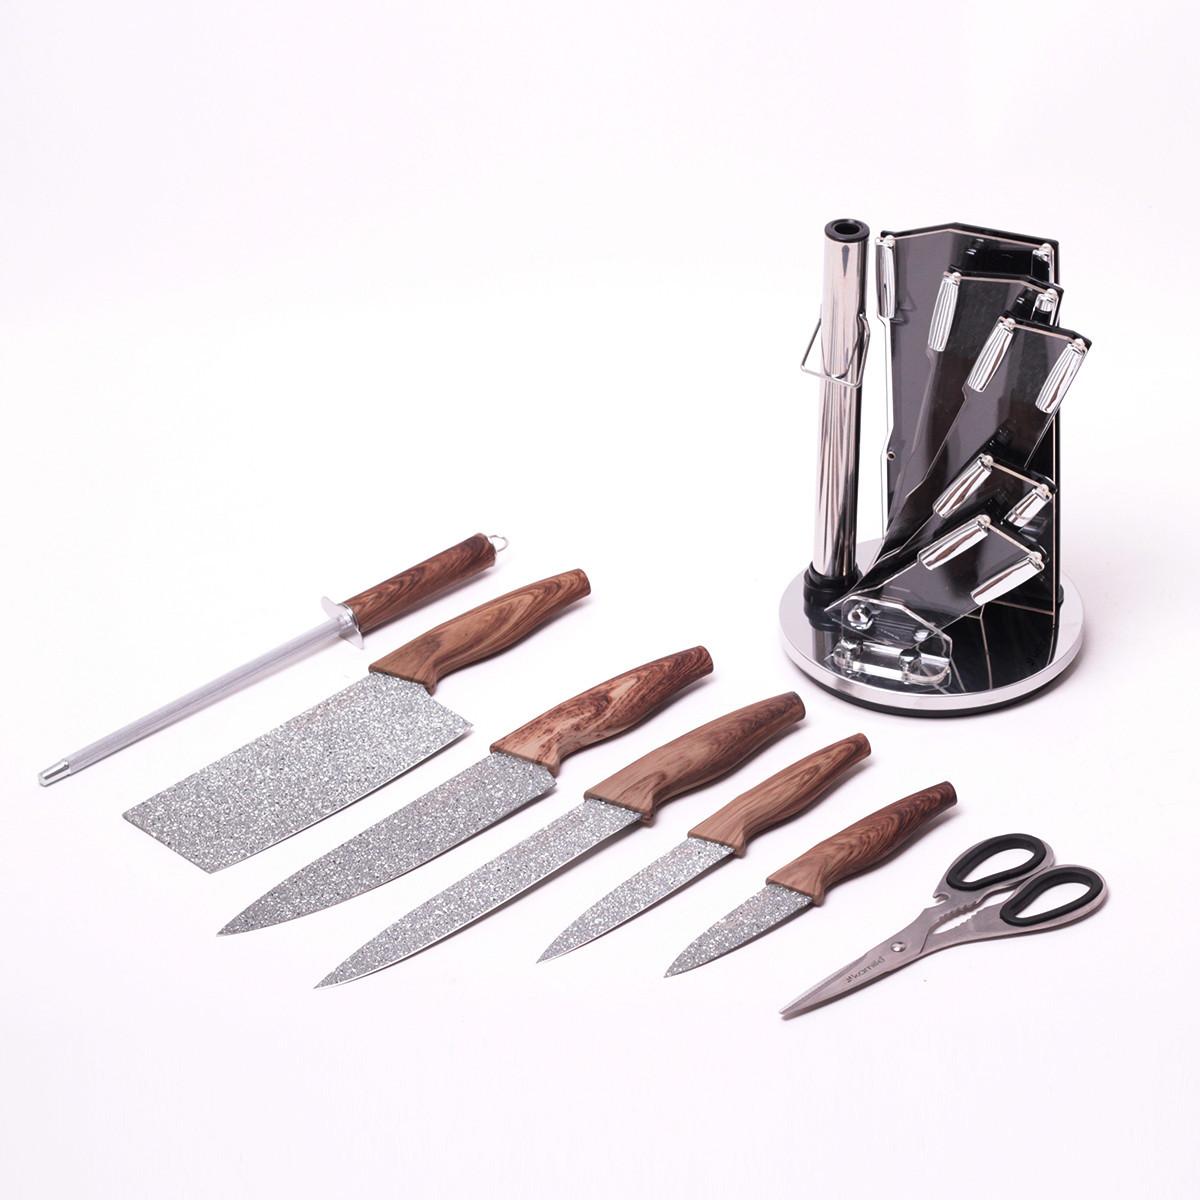 Набор кухонных ножей и ножницы на акриловой подставке 8 предметов (5 ножей+ножицы+точилка+подставка)